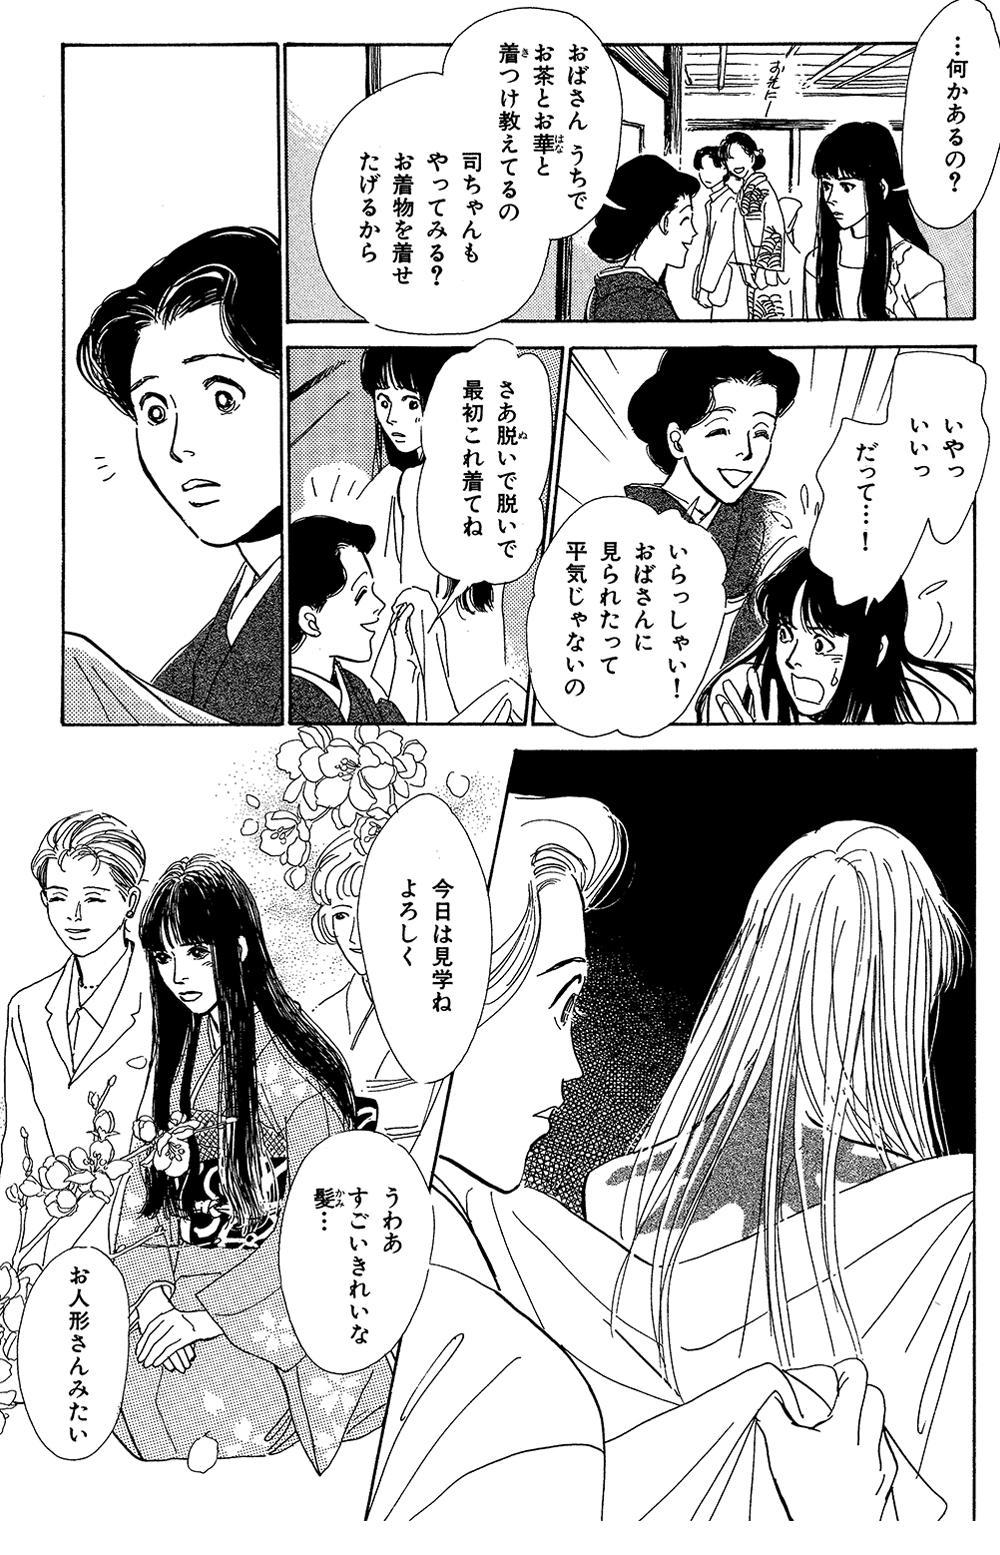 百鬼夜行抄 第1話「闇からの呼び声」③hyakki1-3-6.jpg